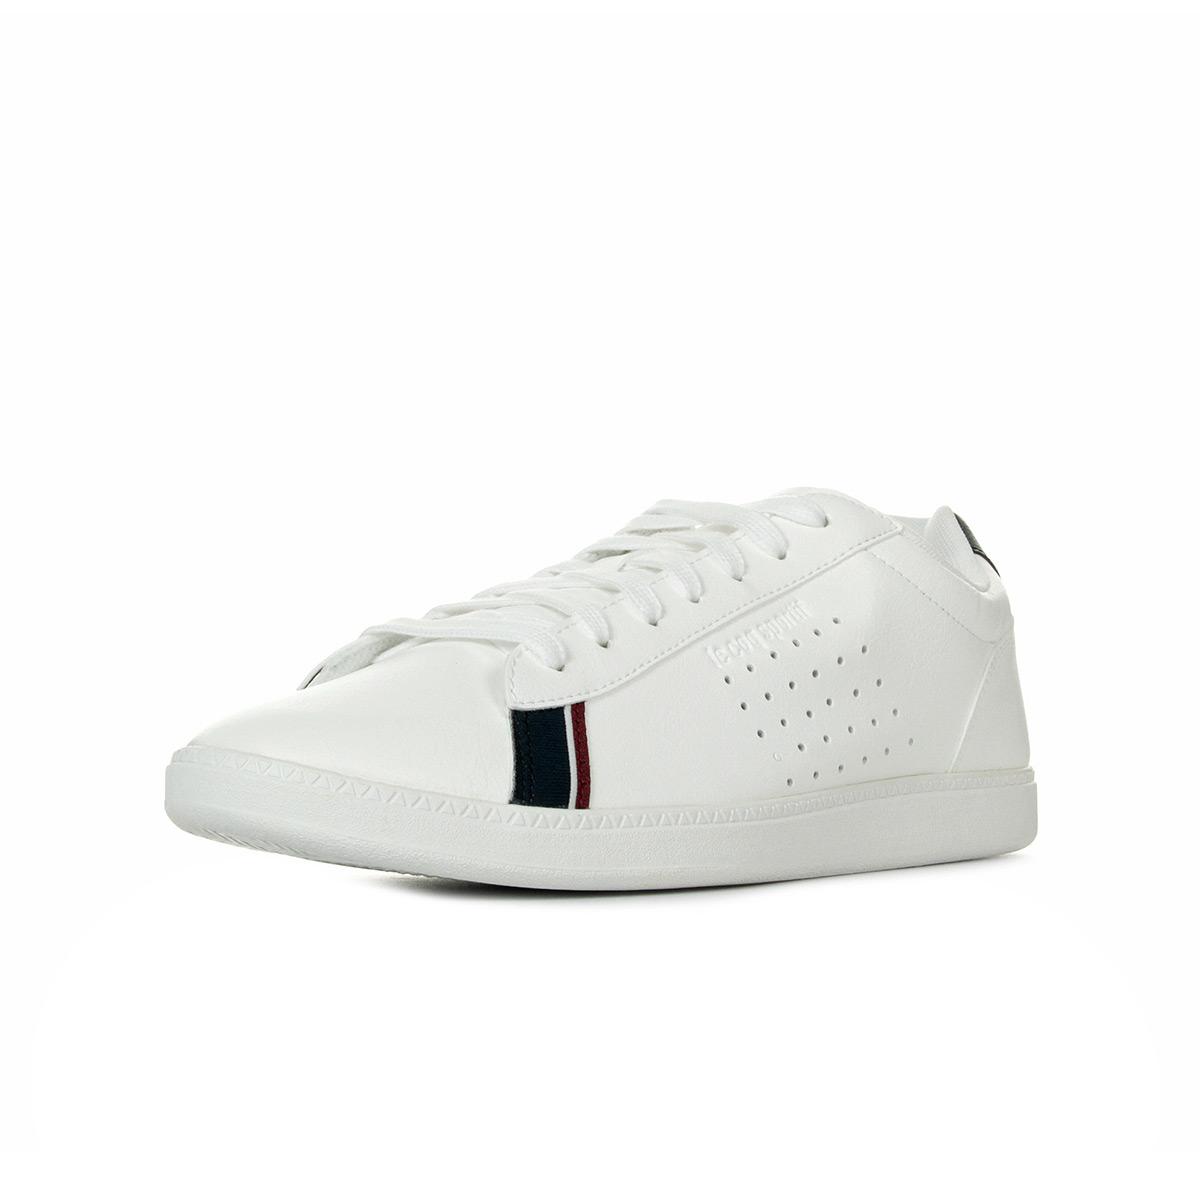 1821880 Le Homme Coq Sportif Baskets Mode Courtstar rwrCfqgtx